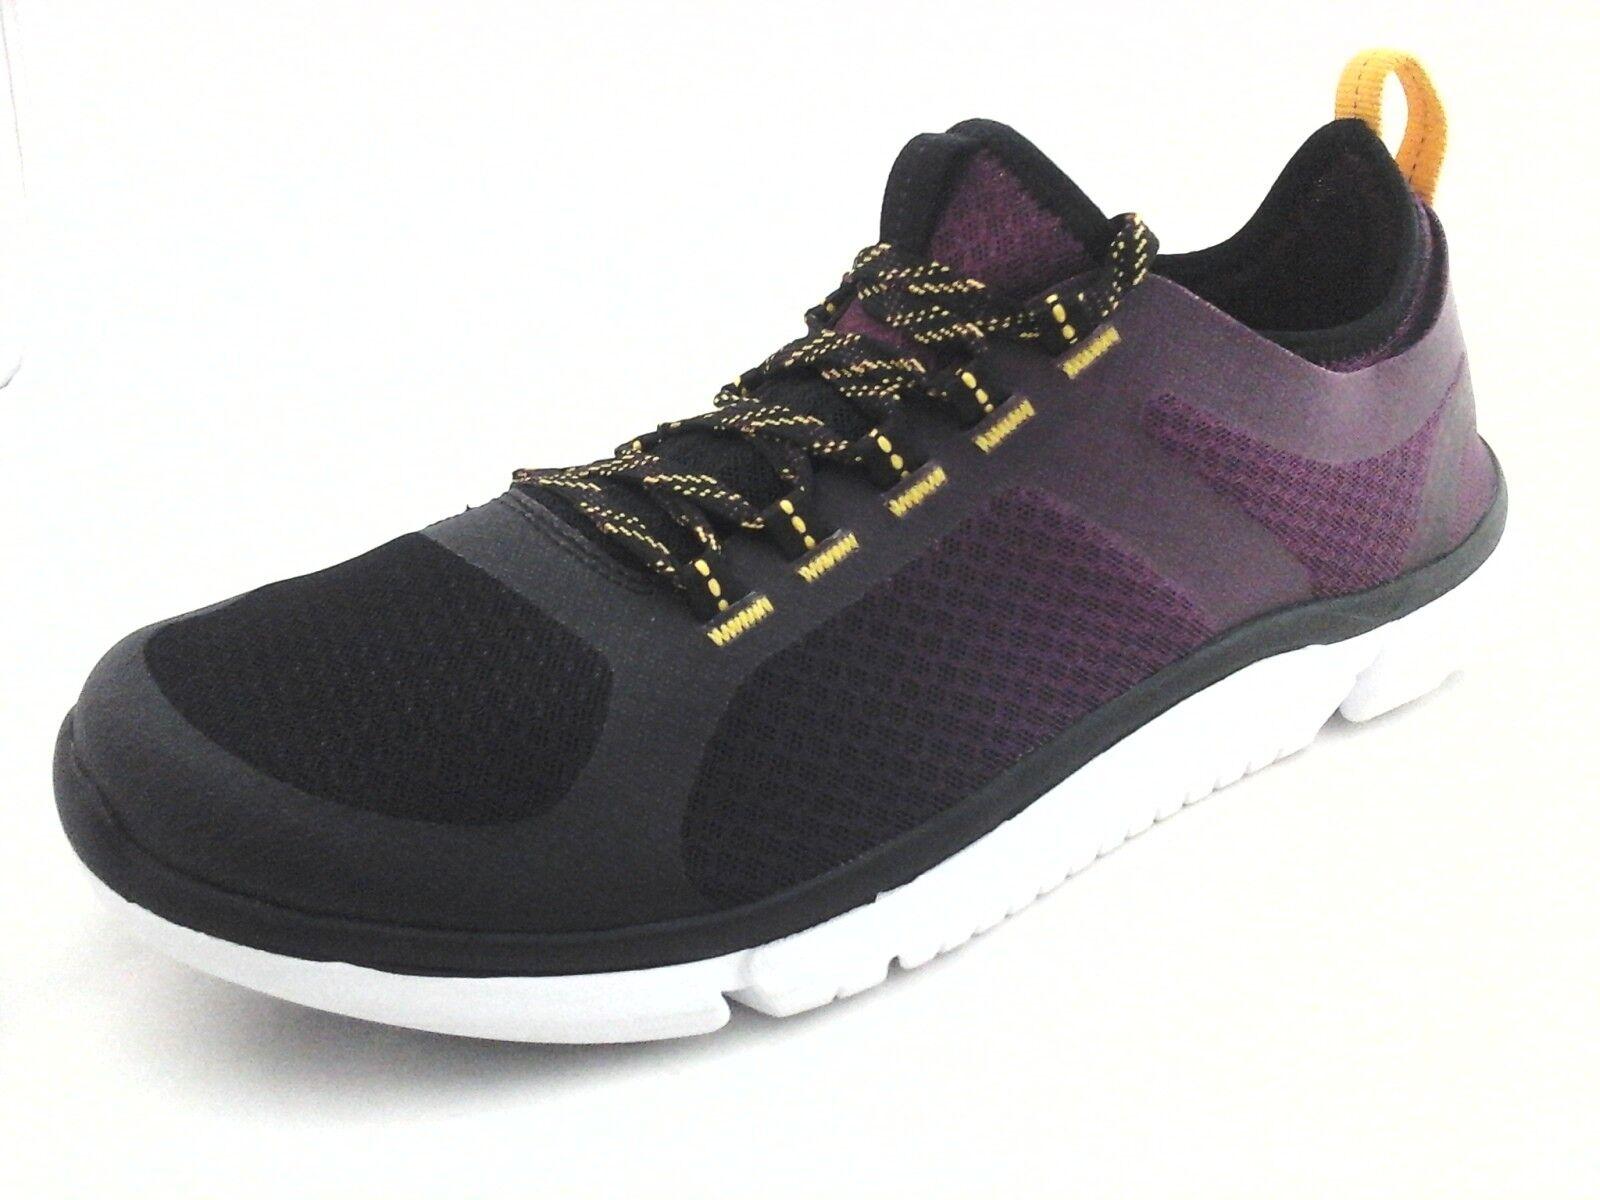 CLARKS Zapatillas Triken Ciruela Negro Zapatos para hombres Active's US 9.5 Nuevo